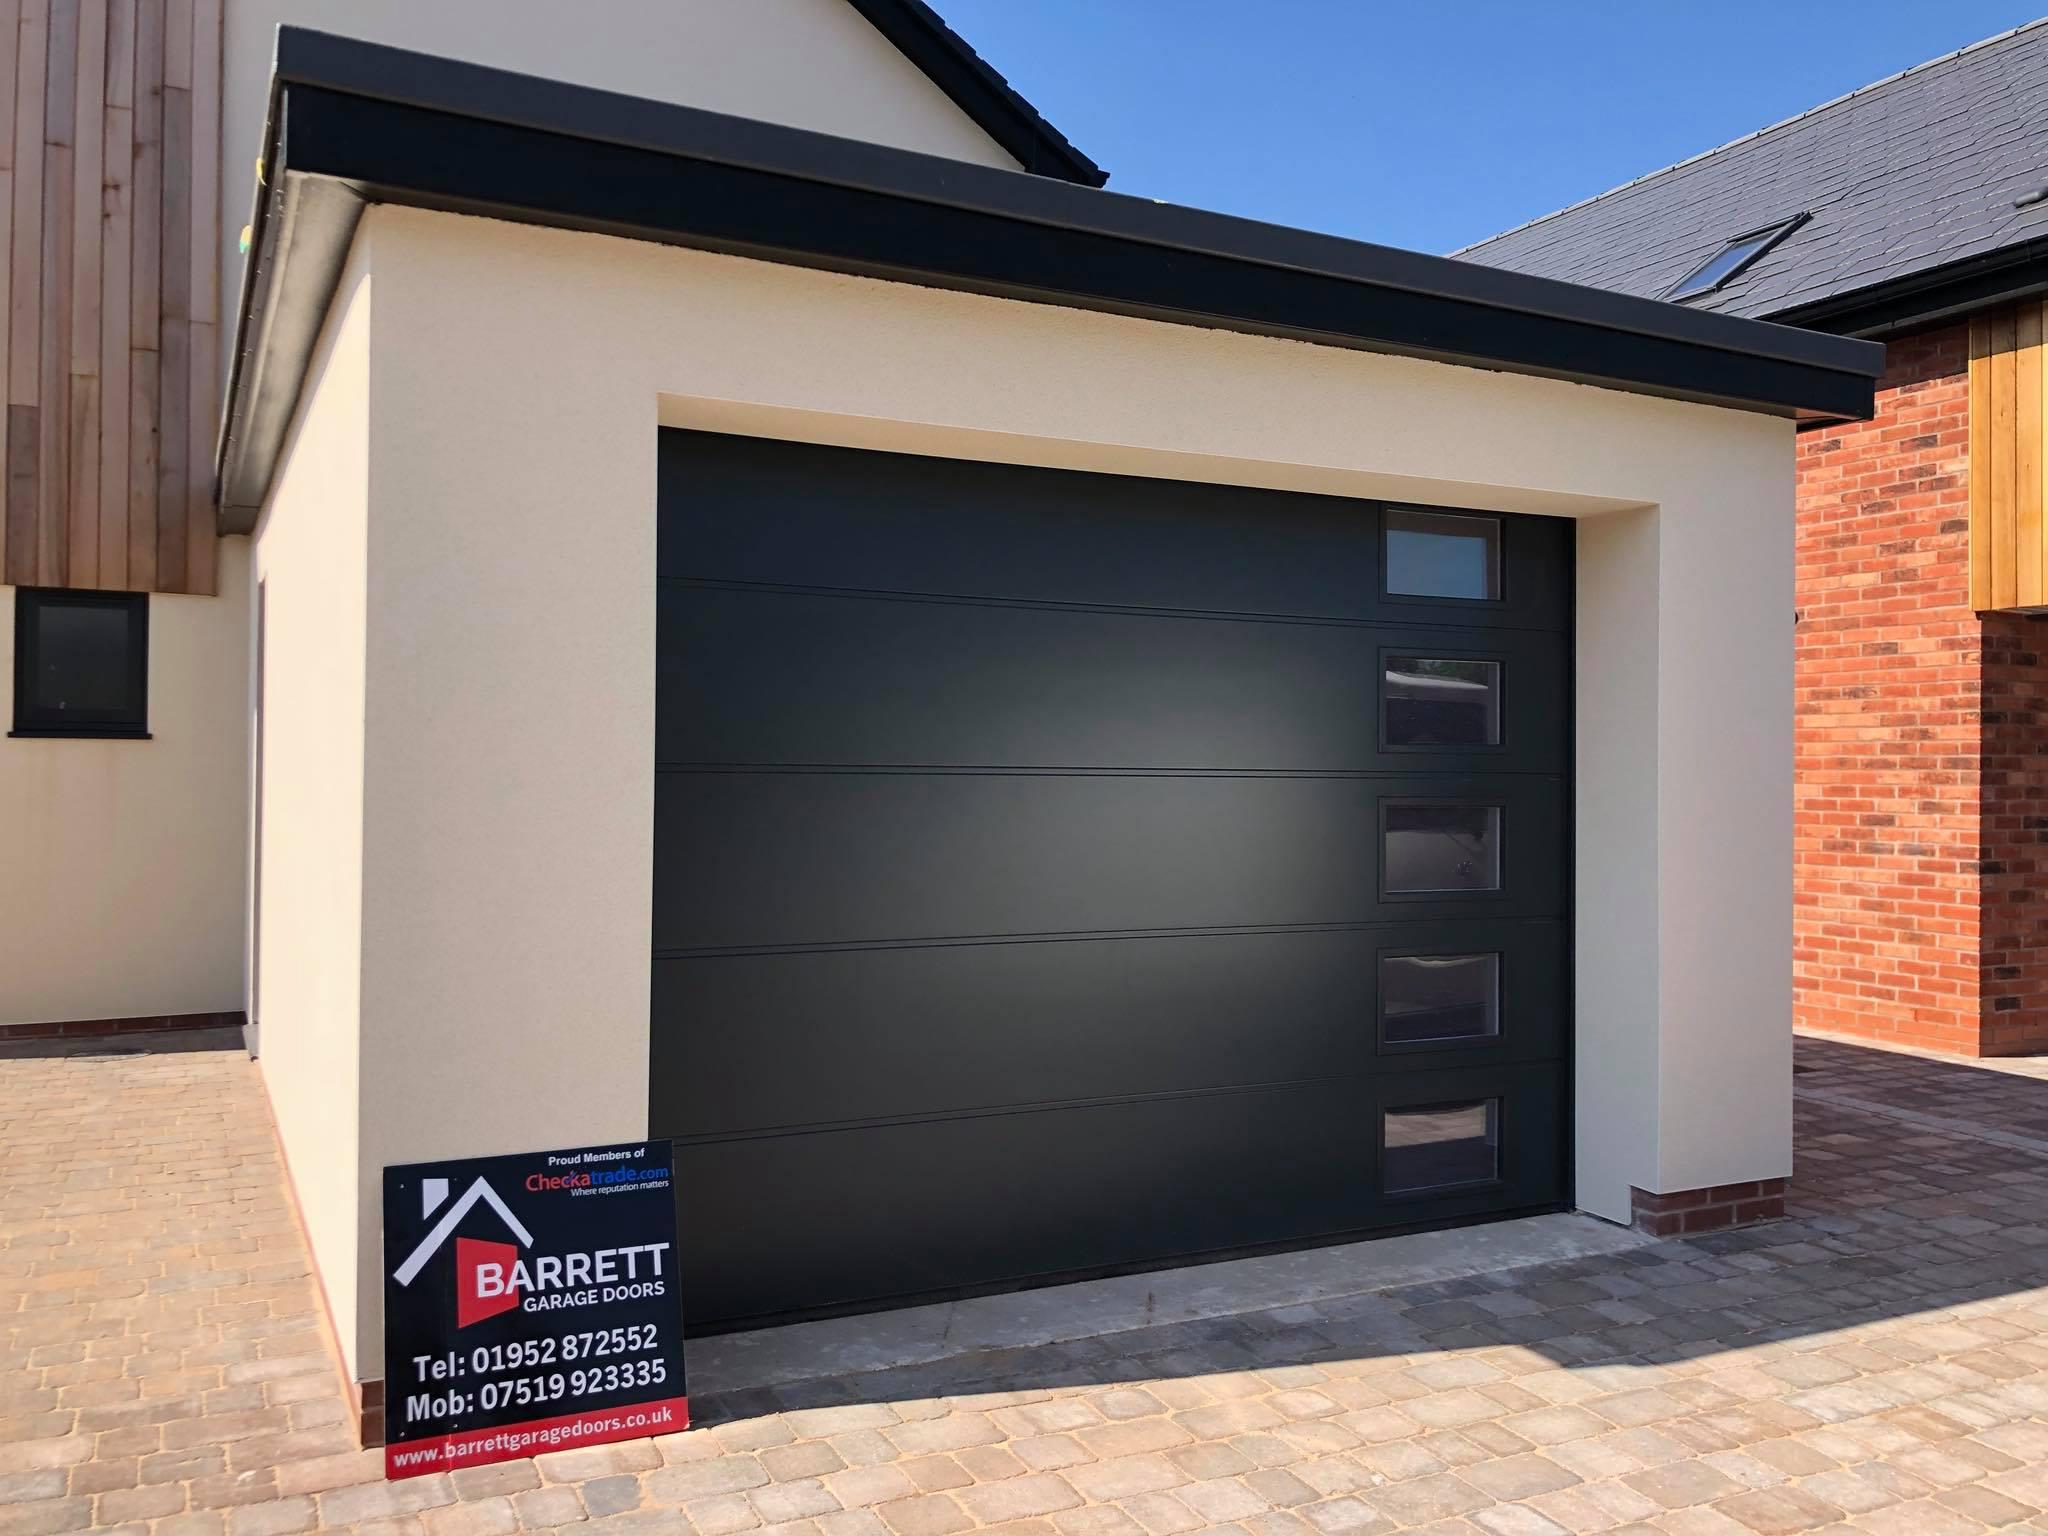 Single up and over garage door in grey